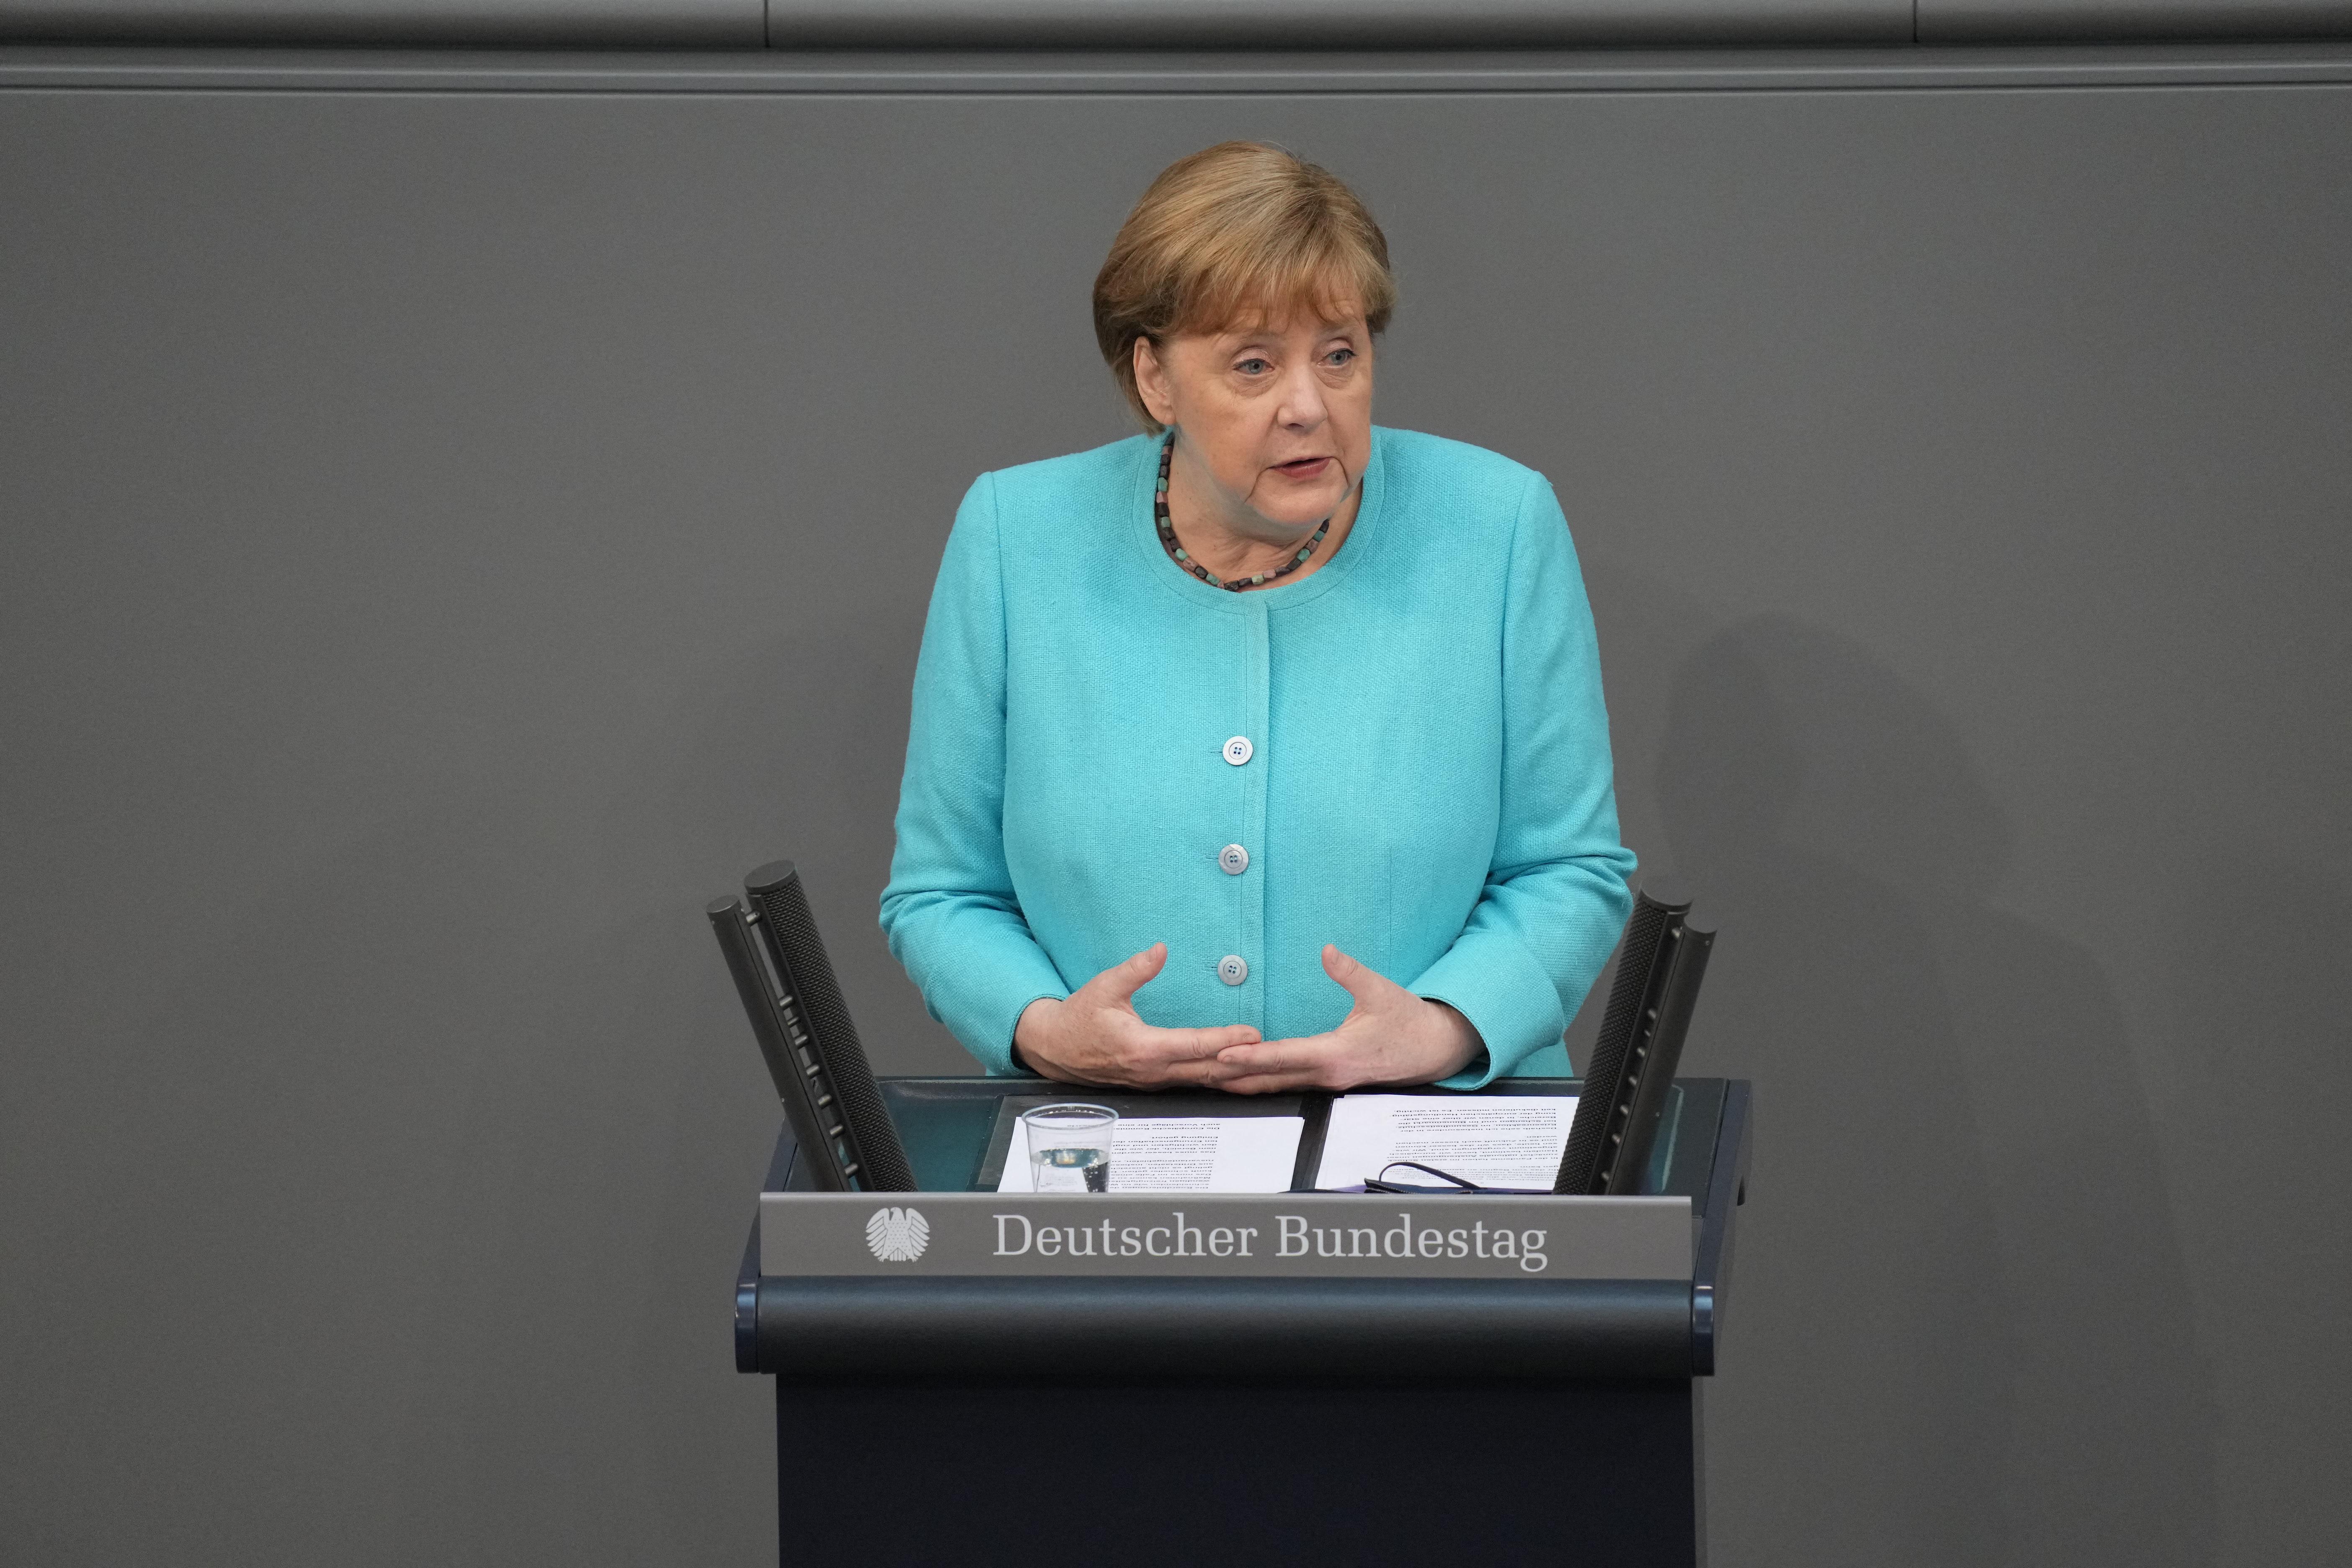 Angela Merkel elmondta utolsó beszédét a Bundestagban